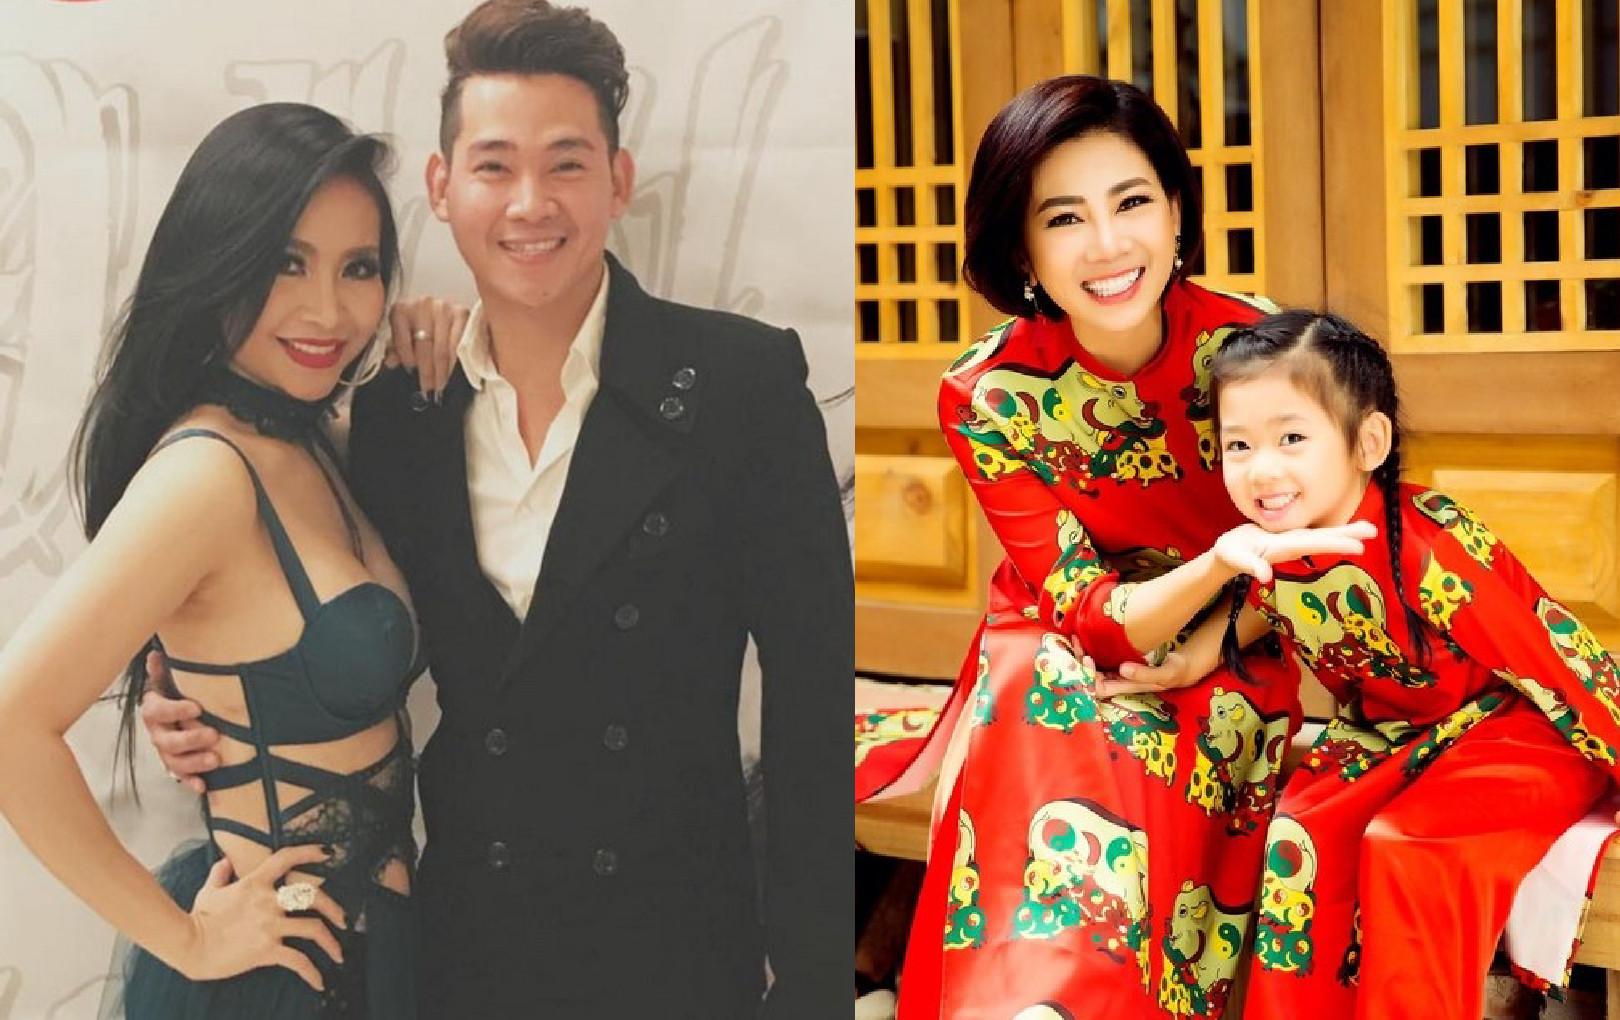 Bạn gái tin đồn Phùng Ngọc Huy lên tiếng sau khi bị chỉ trích giật chồng, tiết lộ mối quan hệ với gia đình Mai Phương